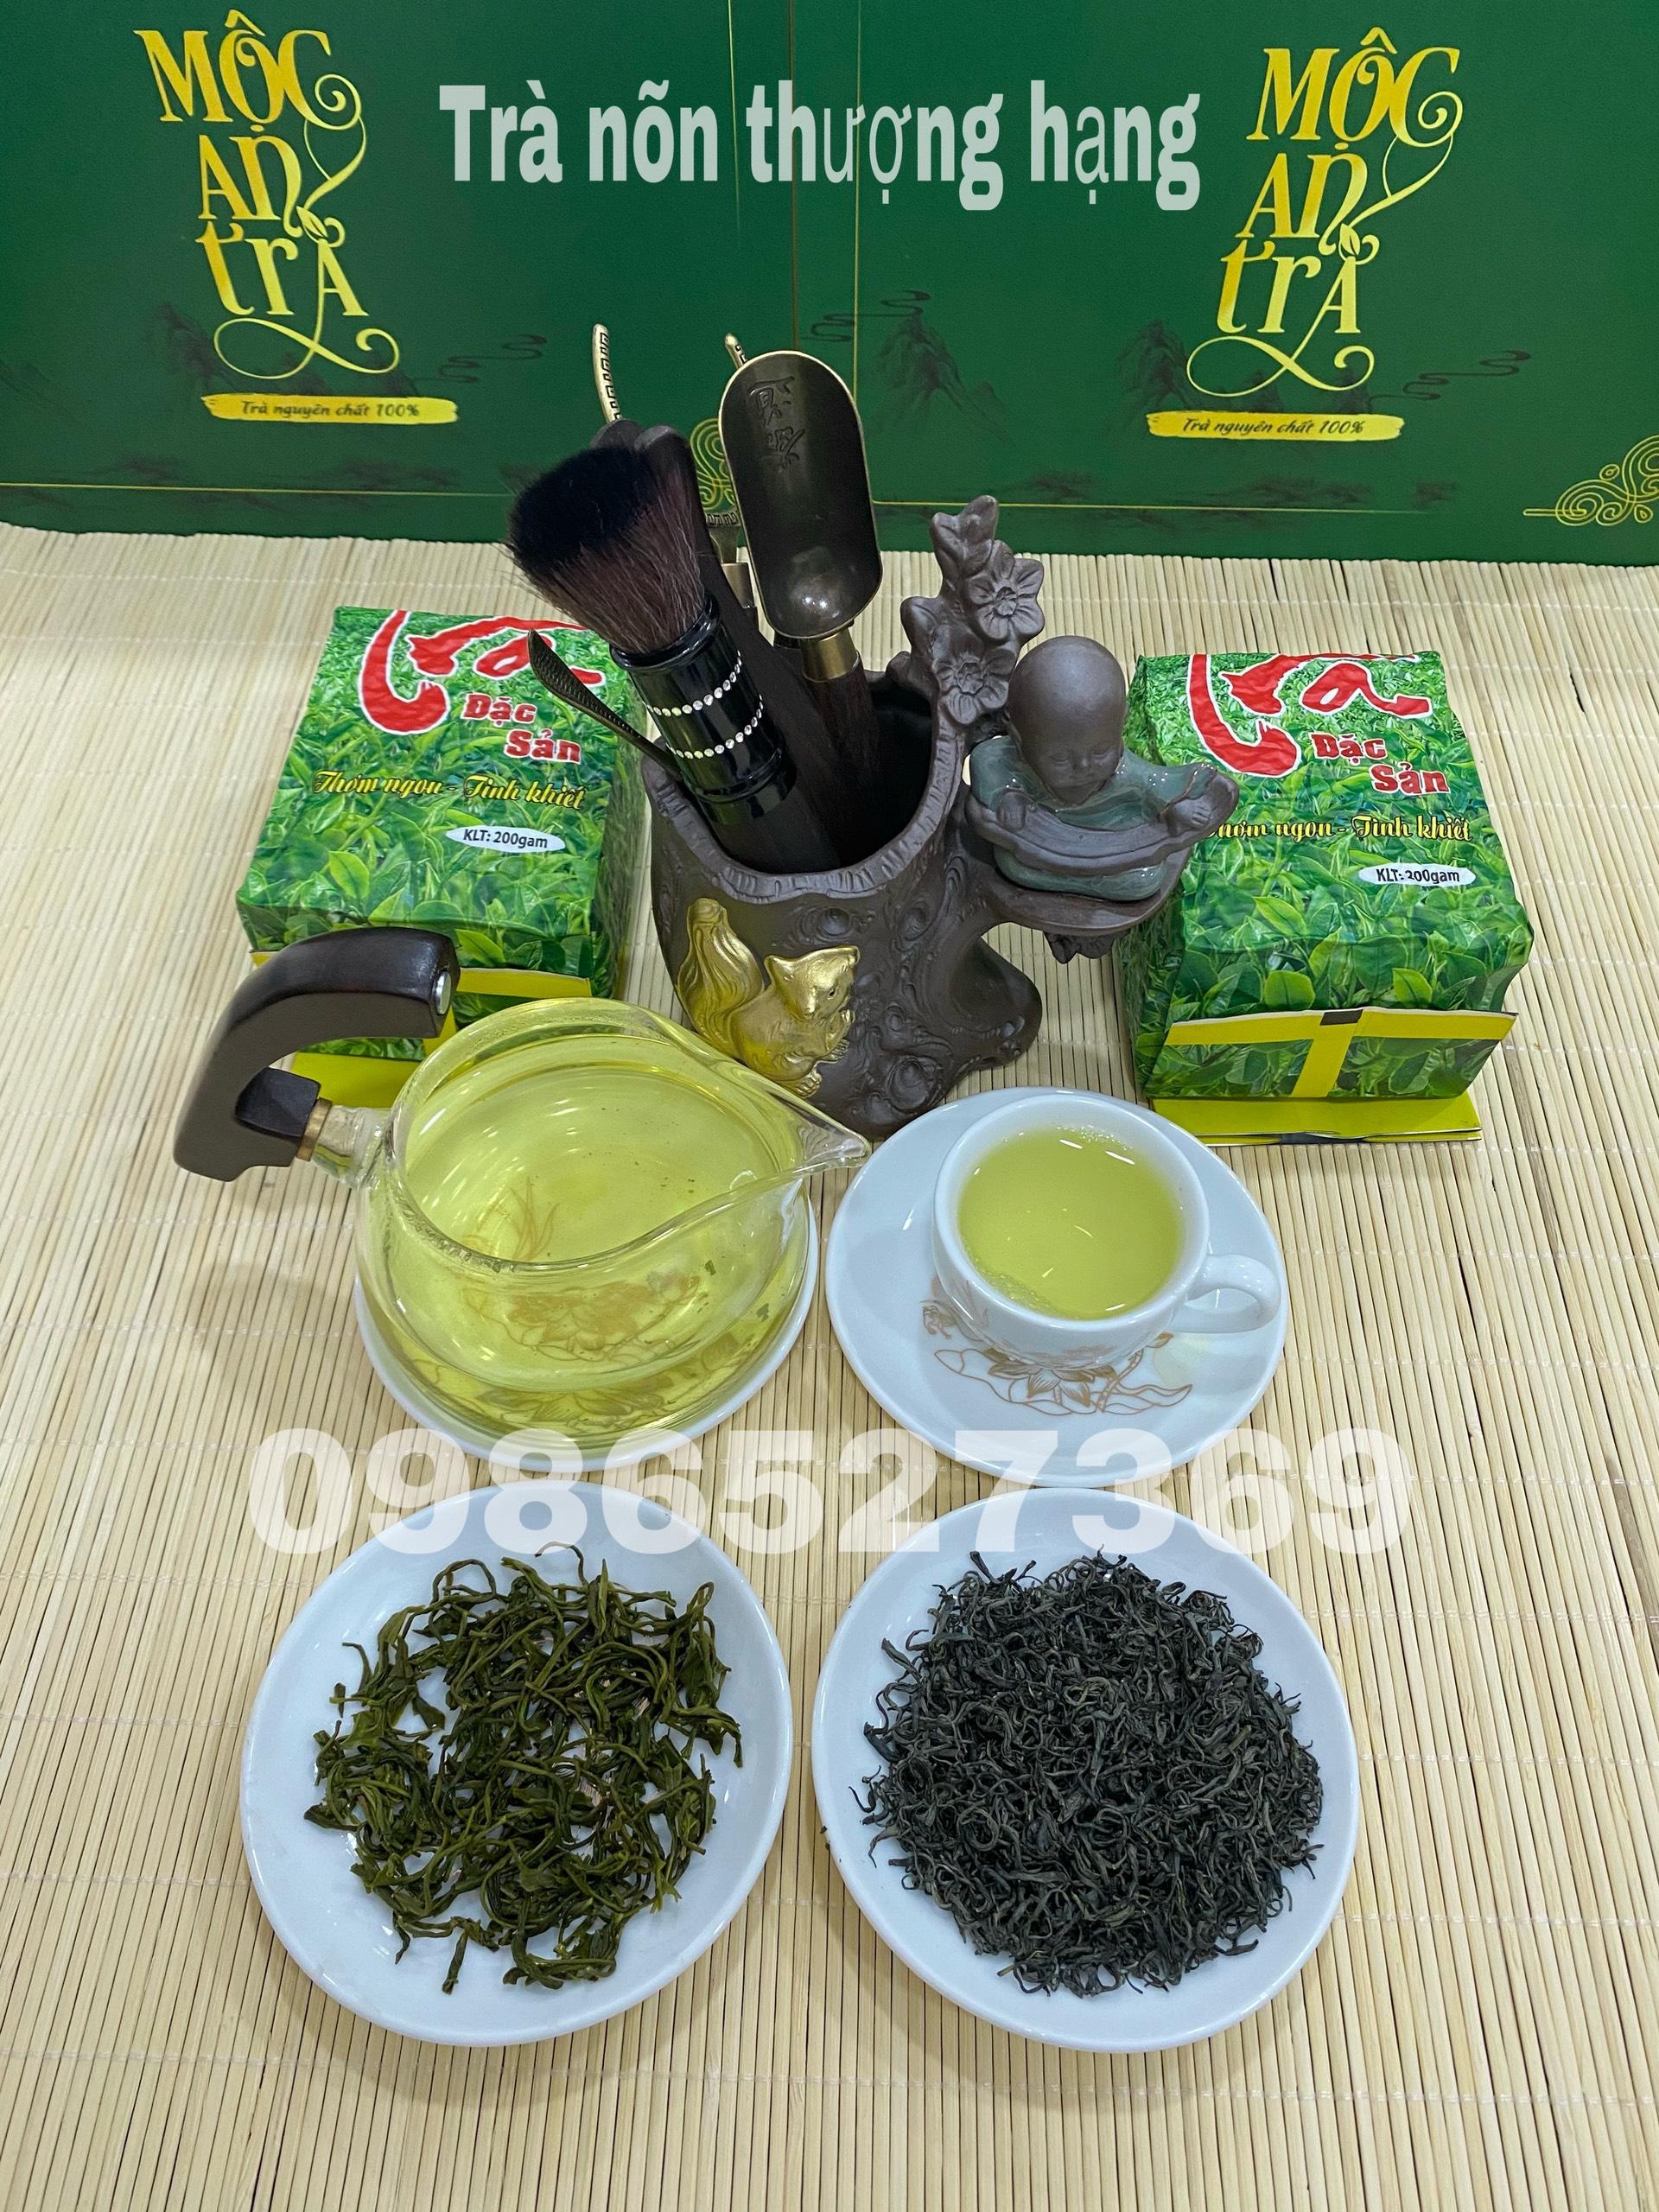 Chè Nõn Thượng Hạng 1 kg